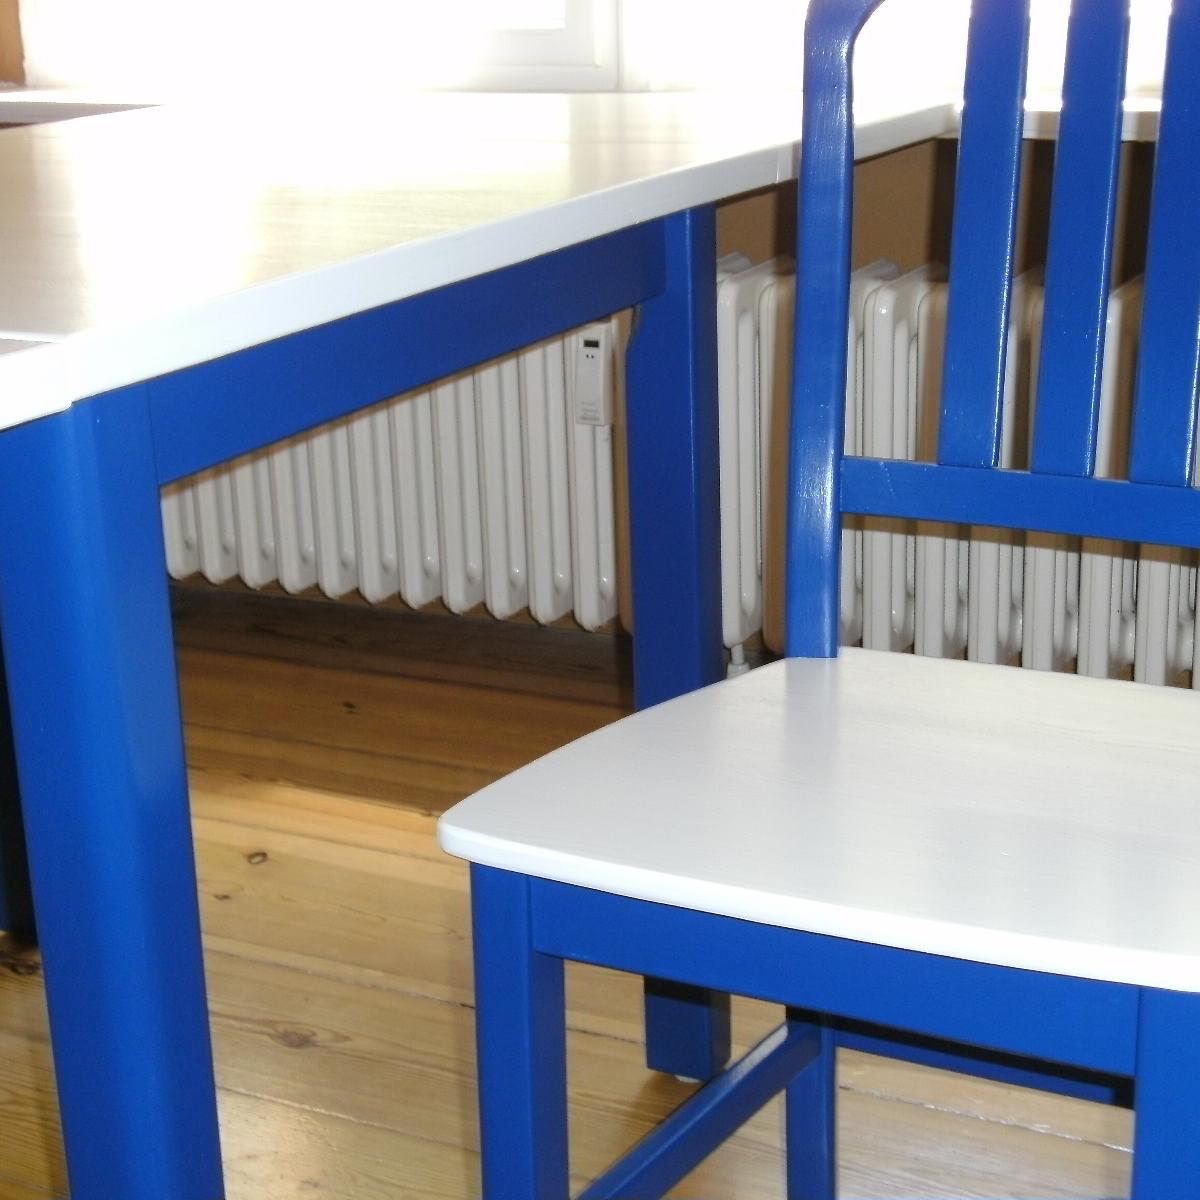 Kiefermöbel, deckend lackiert